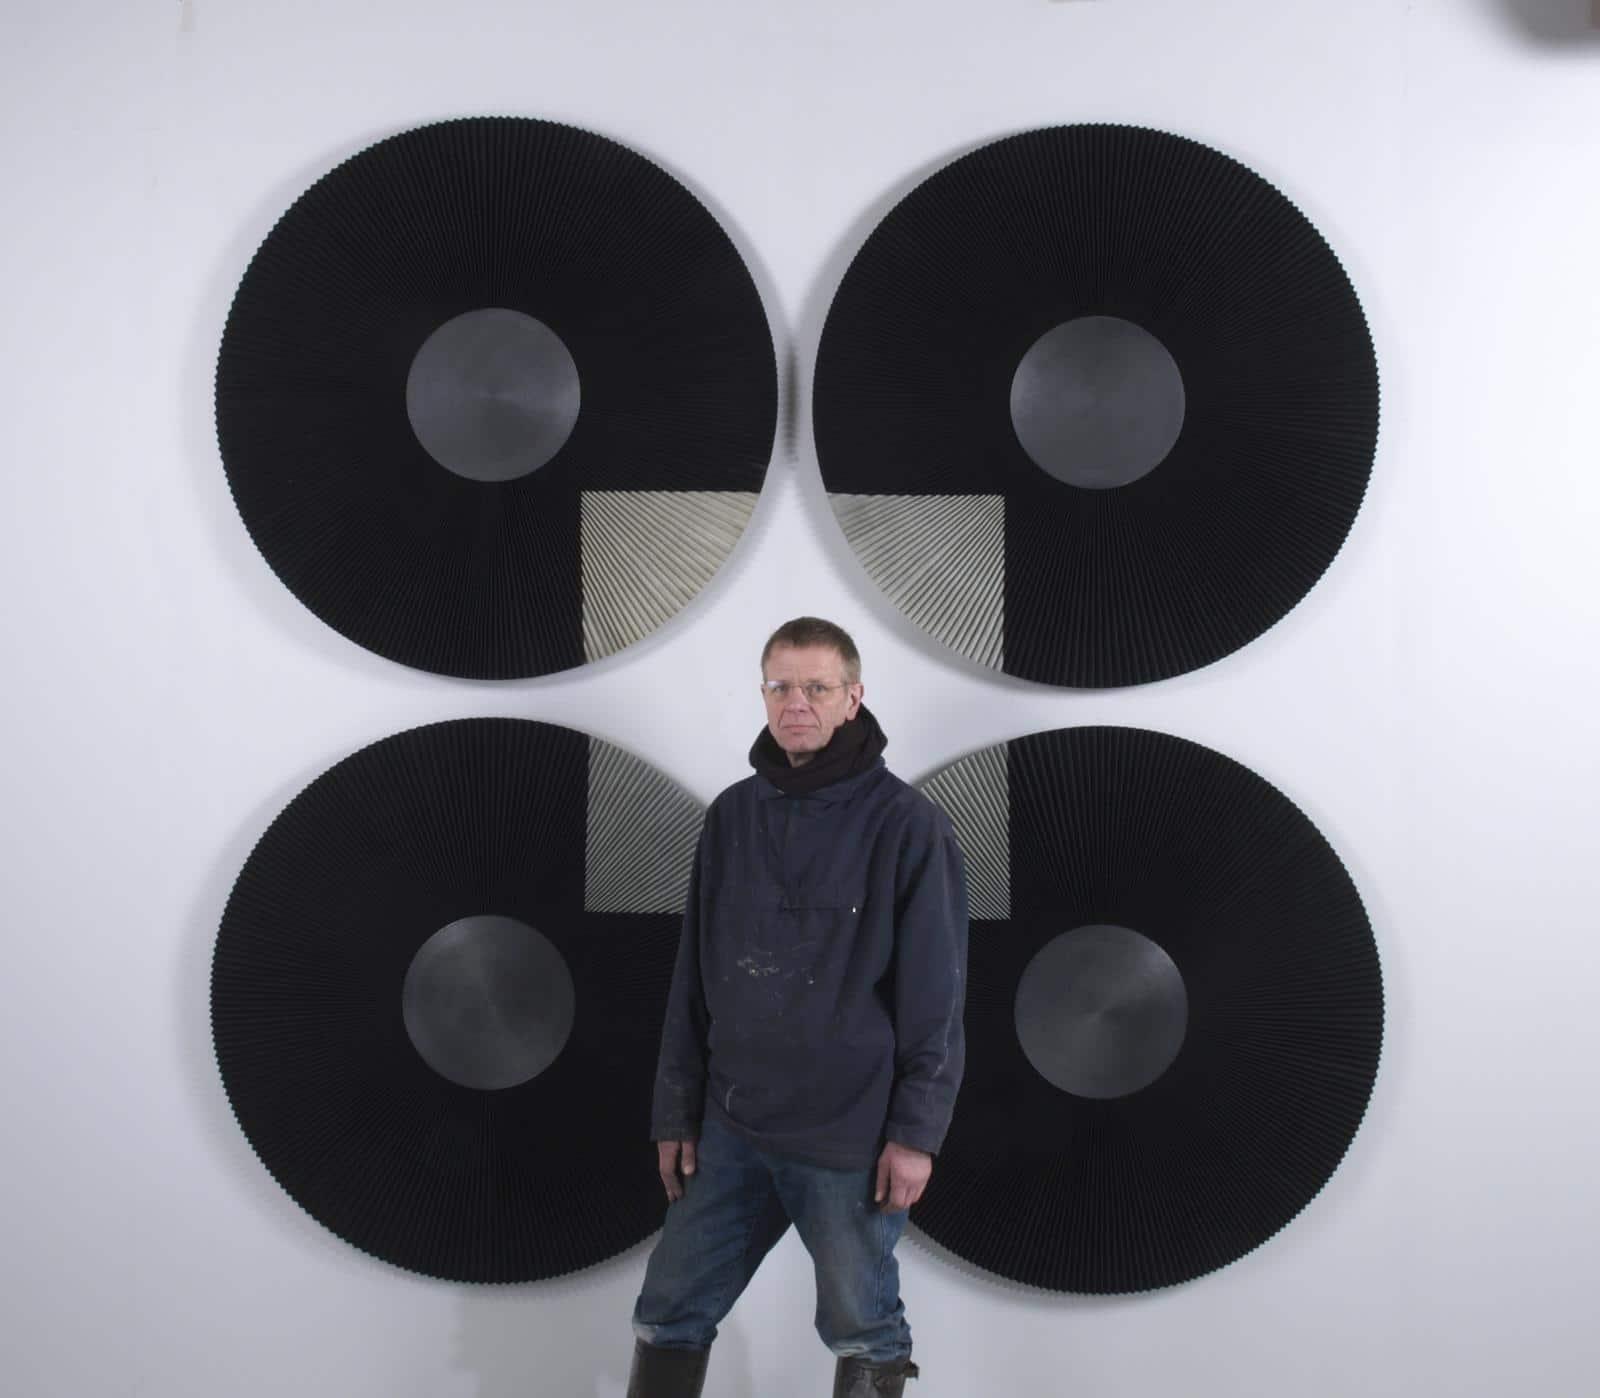 Jens Erland